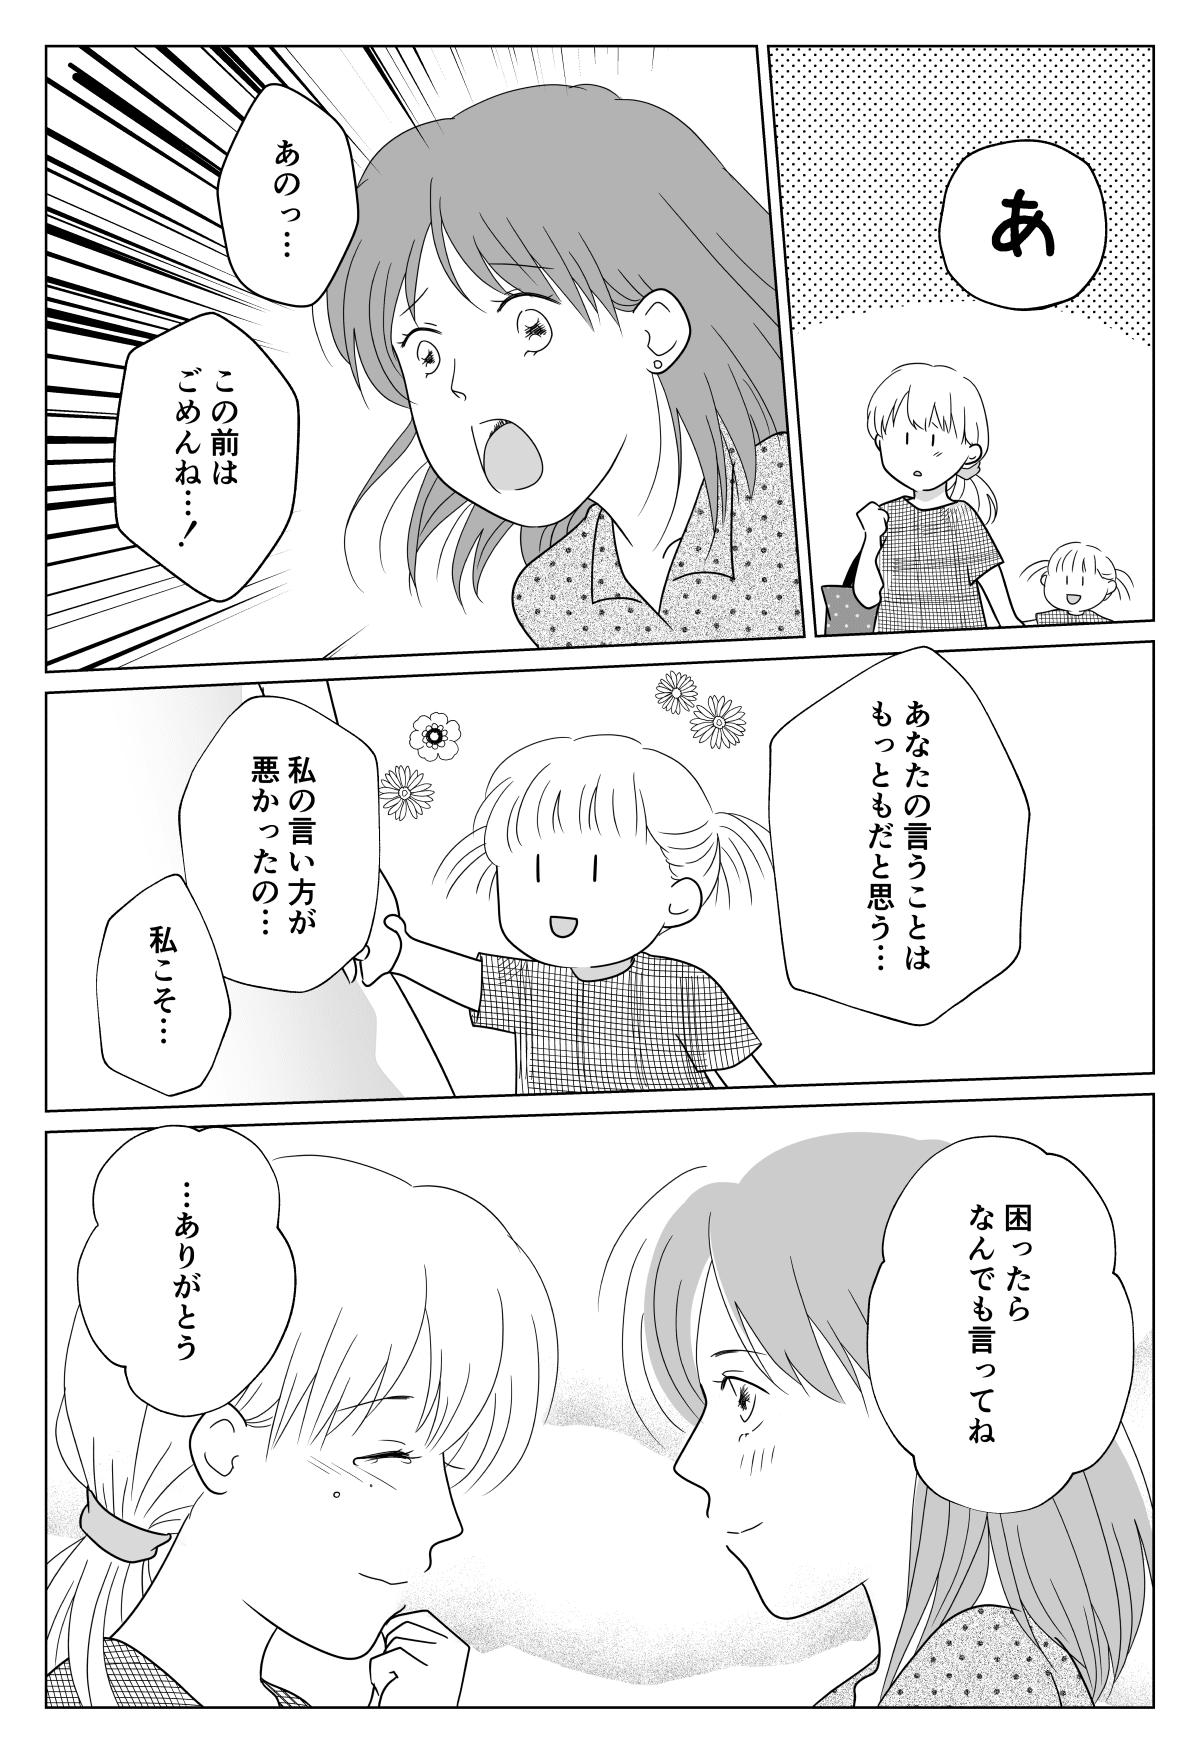 【後編:ママ友SIDE】ママ友に叱られた!004